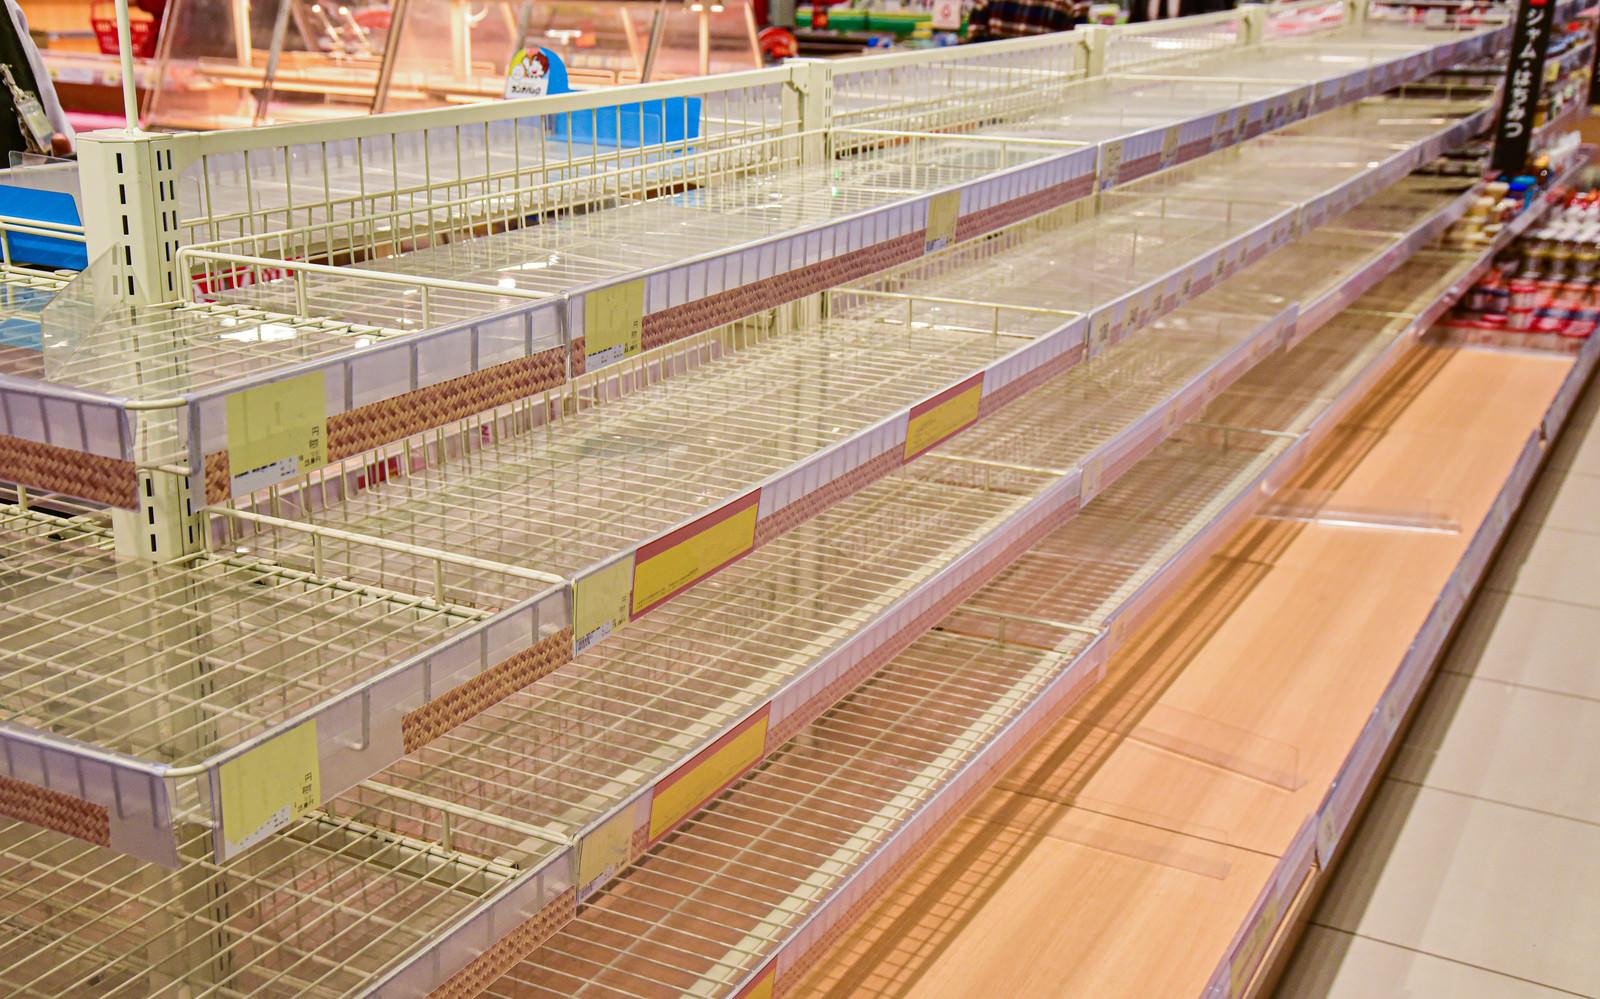 「大型の台風上陸予想でスーパーの食料品の棚が売り切れで何もない」の写真